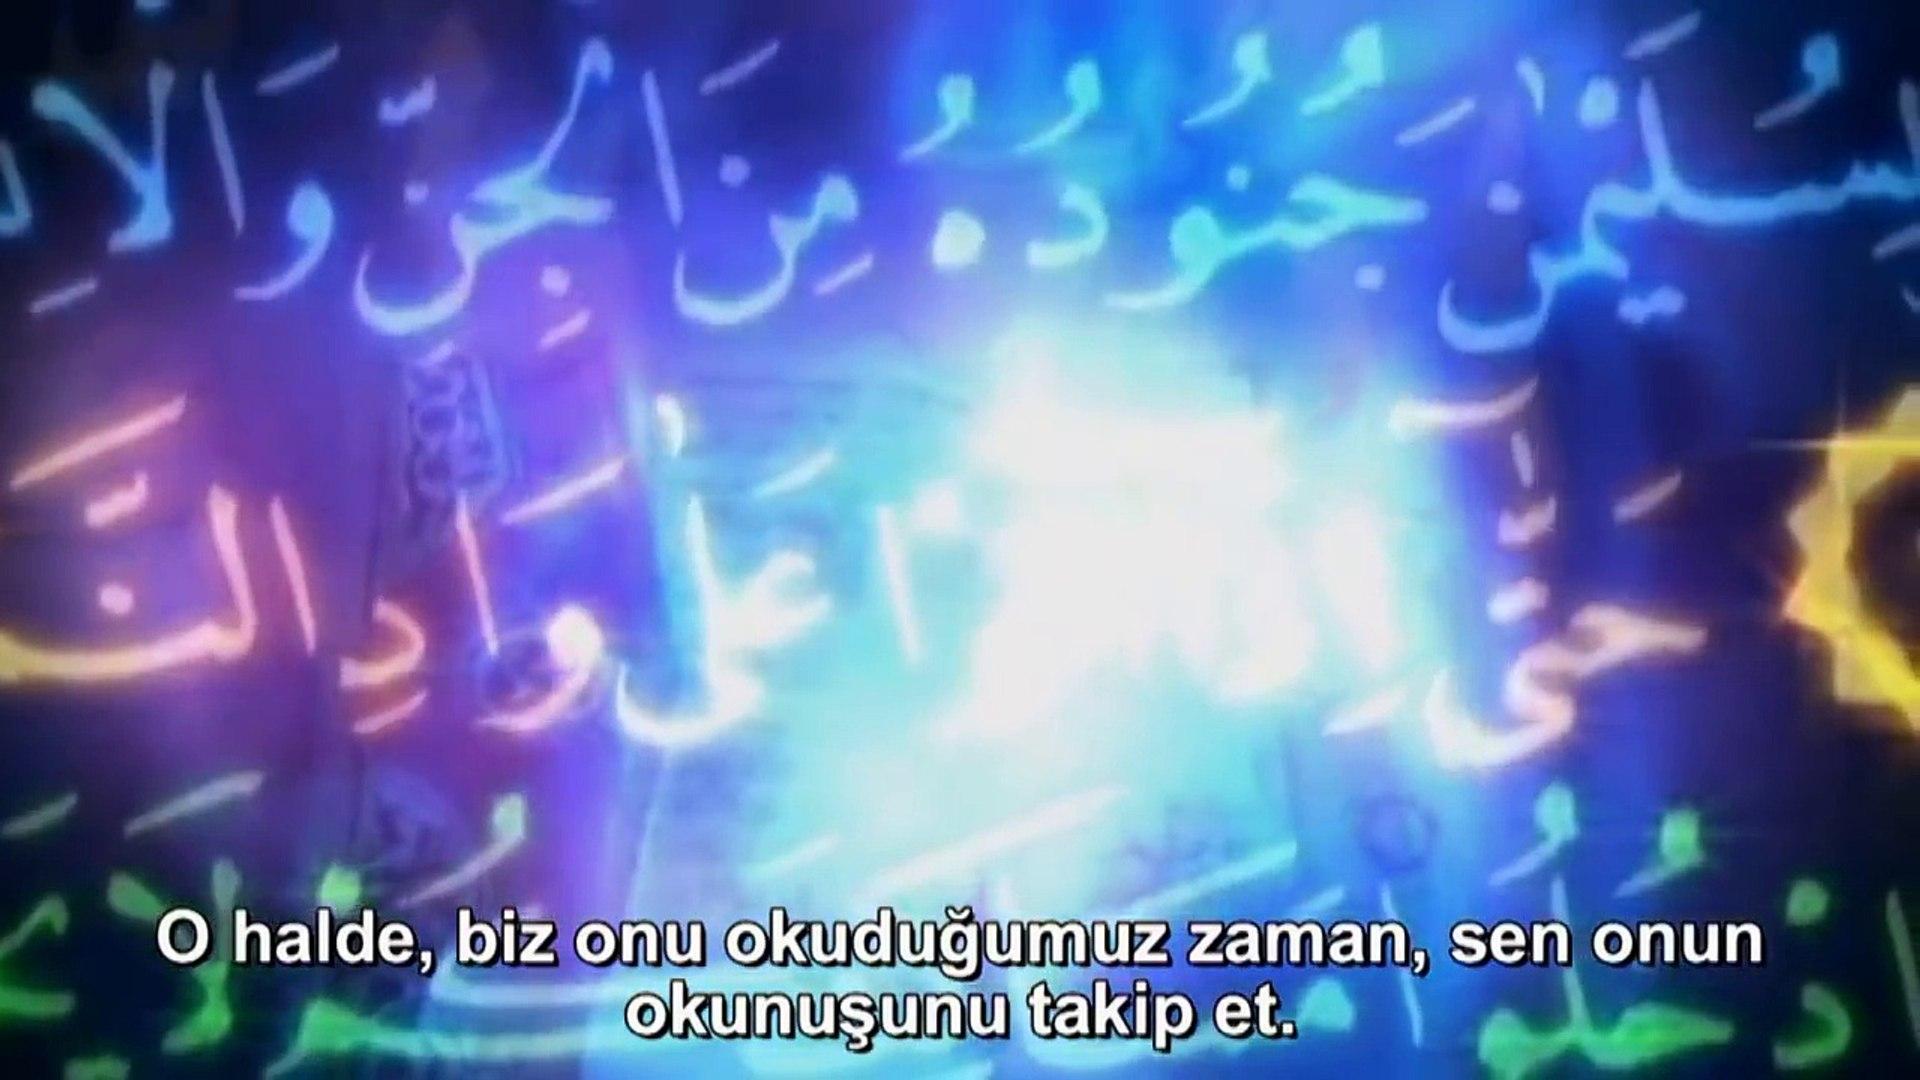 Kıyamet Suresi izle İslami Videolar izle Dini Videolar izle